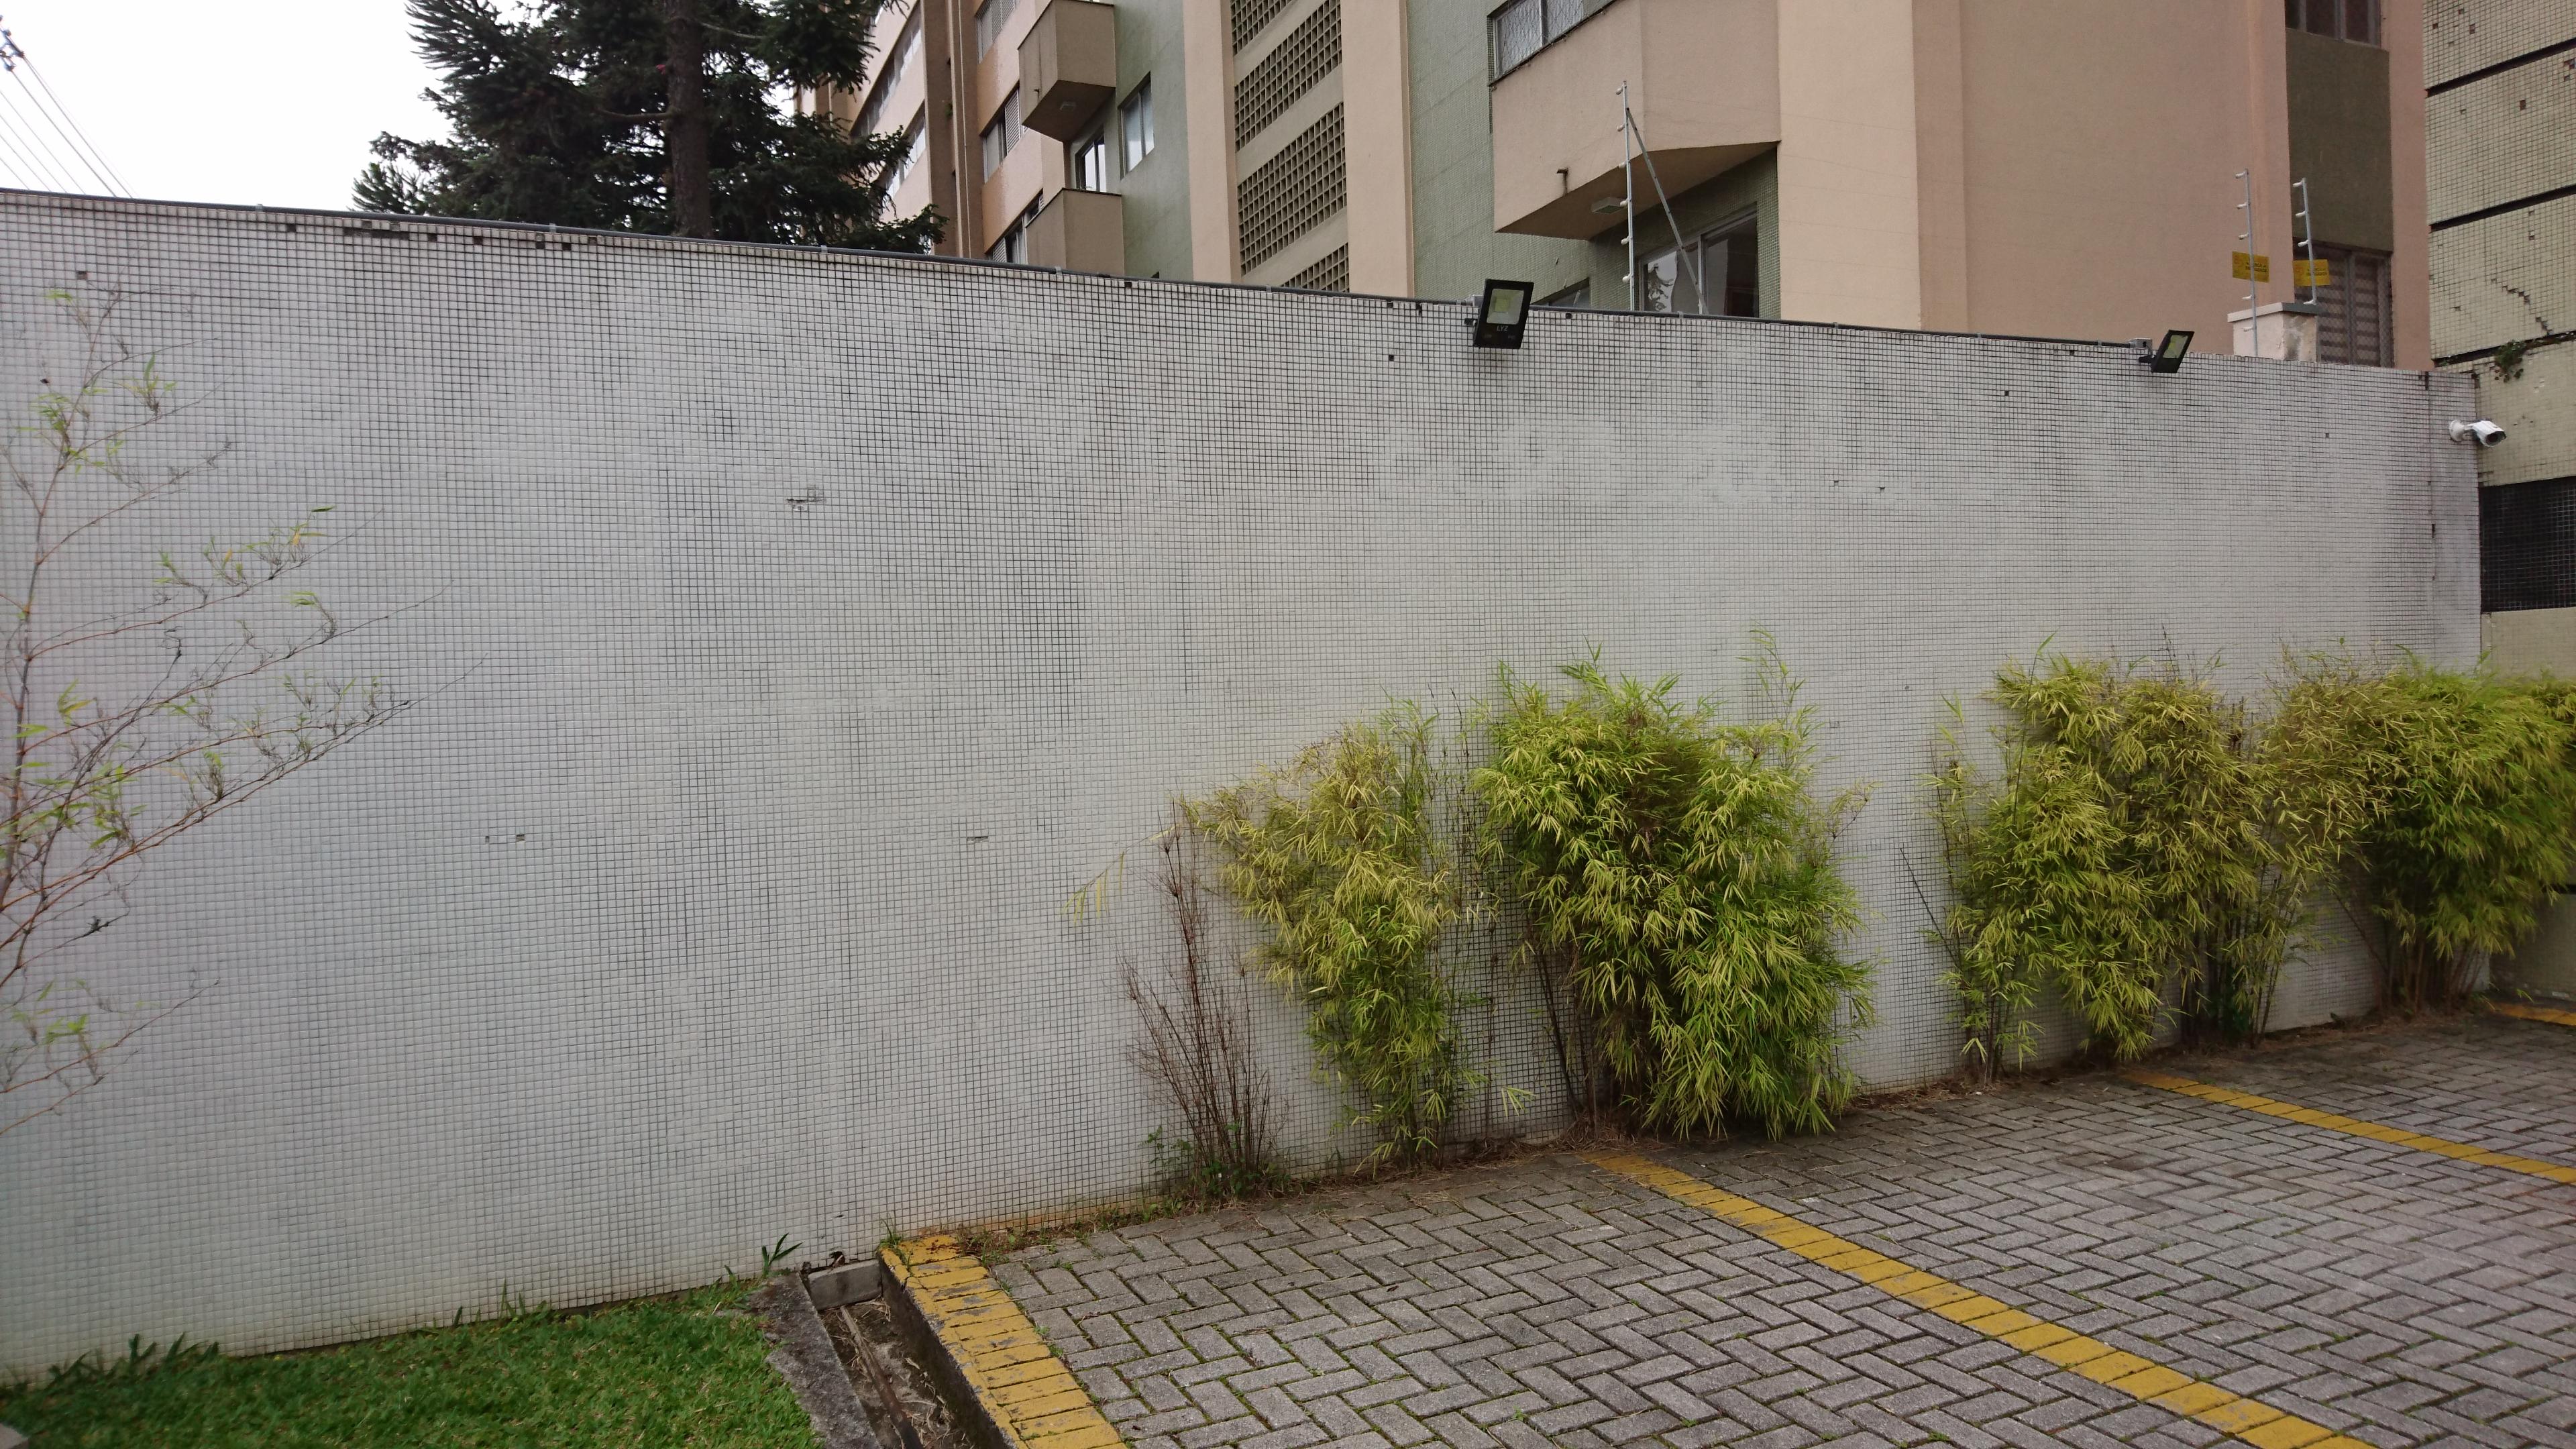 4_-_Manutenção_Predial_Edifício_Joan_Mir